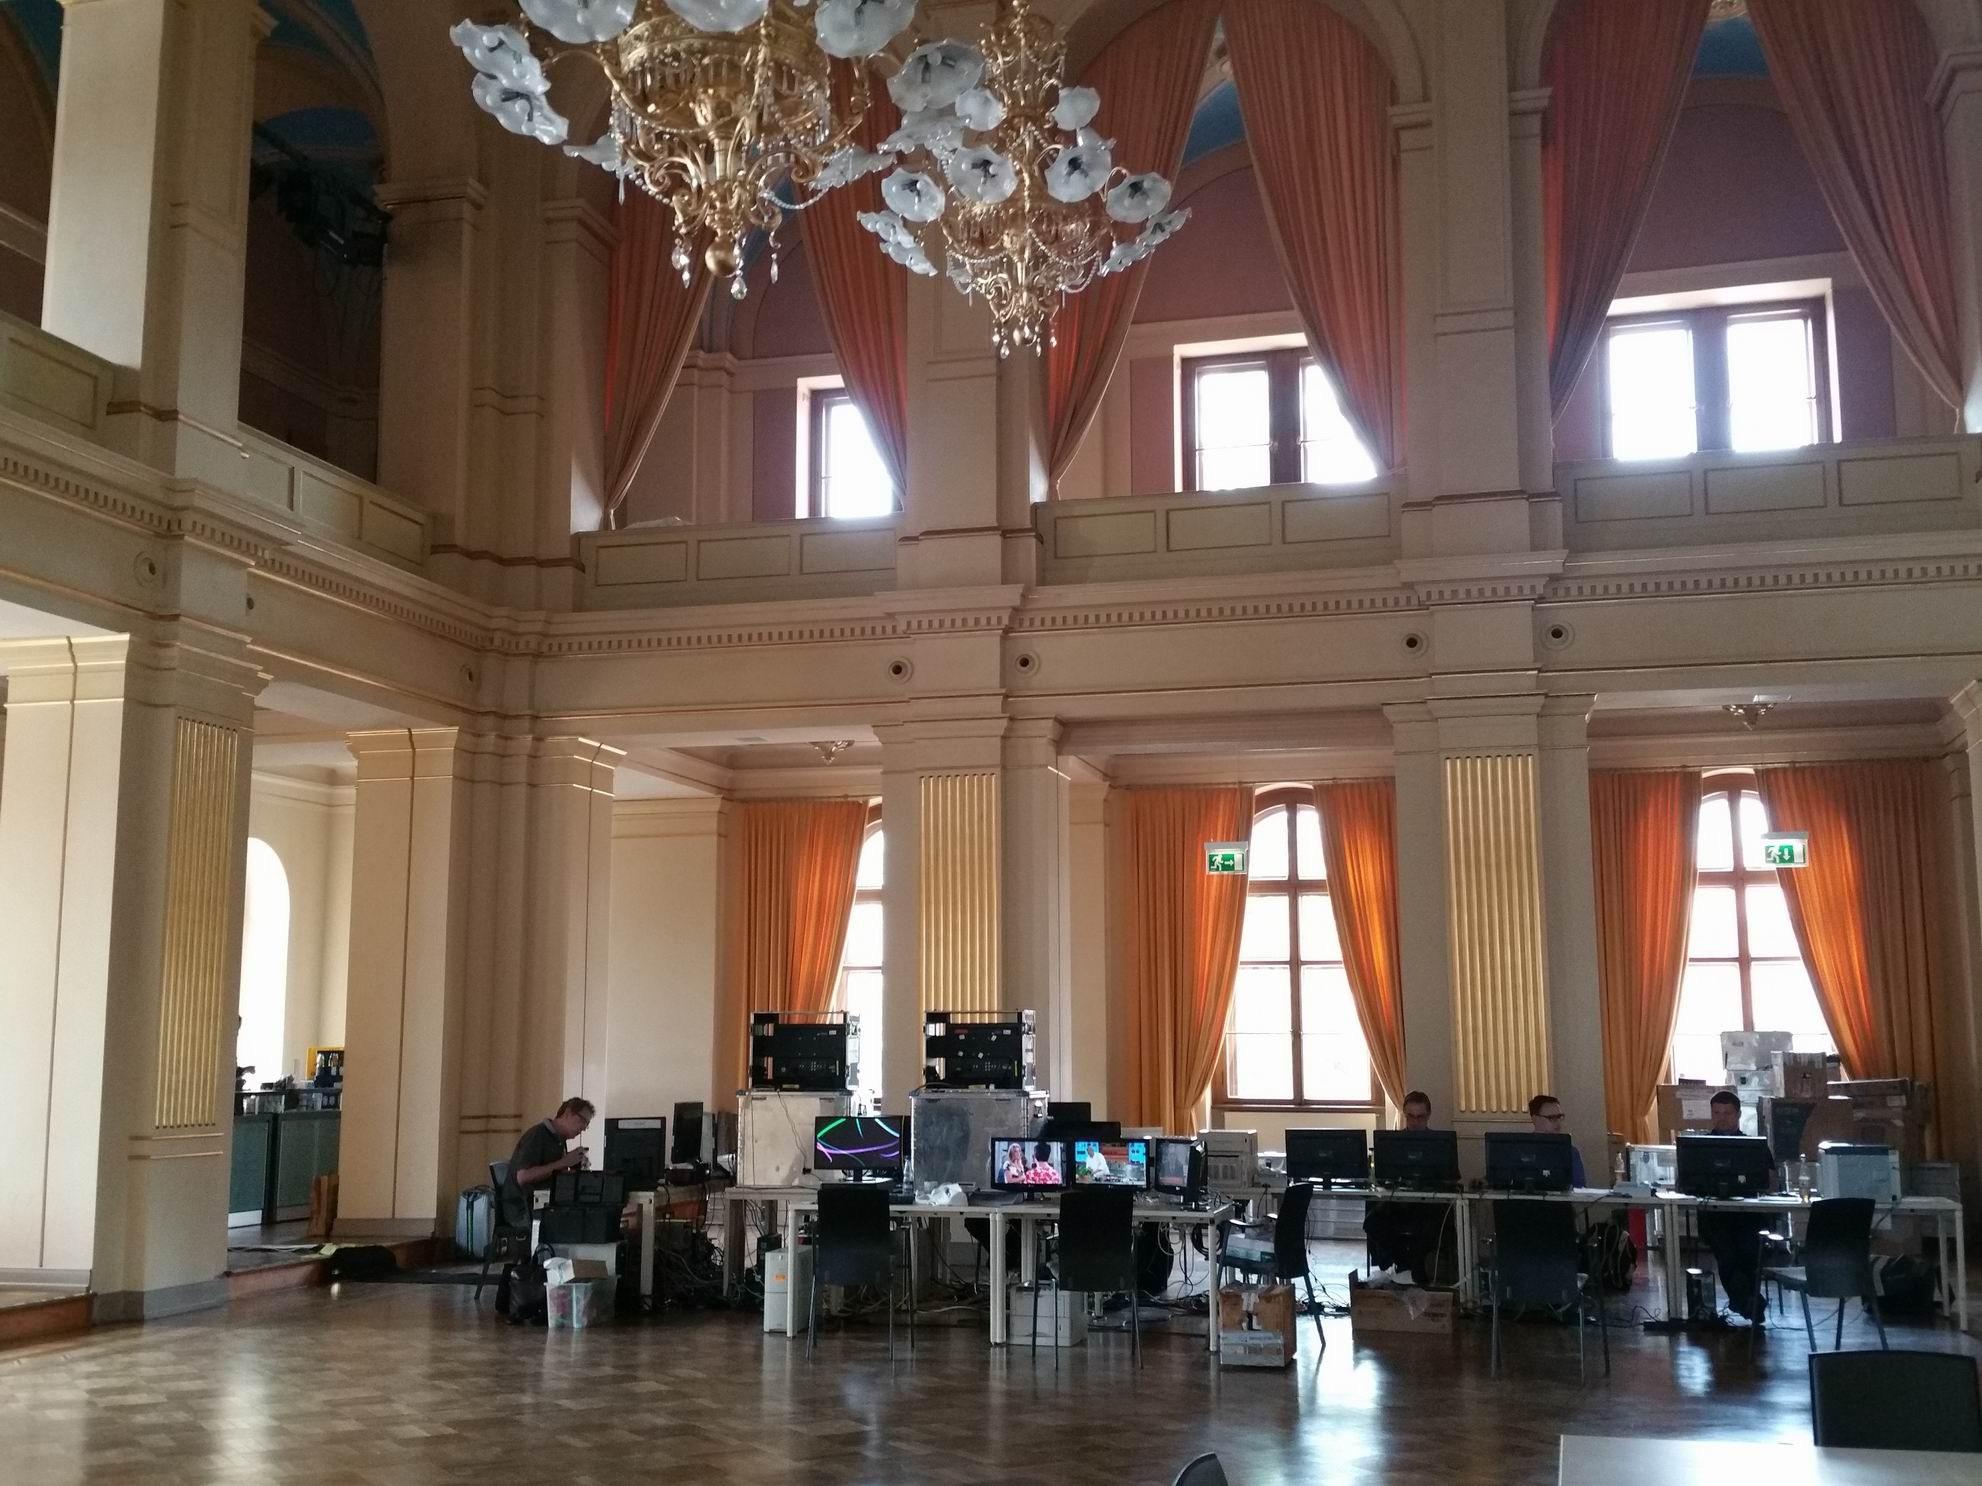 Hinter den Kulissen: Arbeit für die Wahlberichterstattung zur Landtagswahl in Mecklenburg-Vorpommern 2016